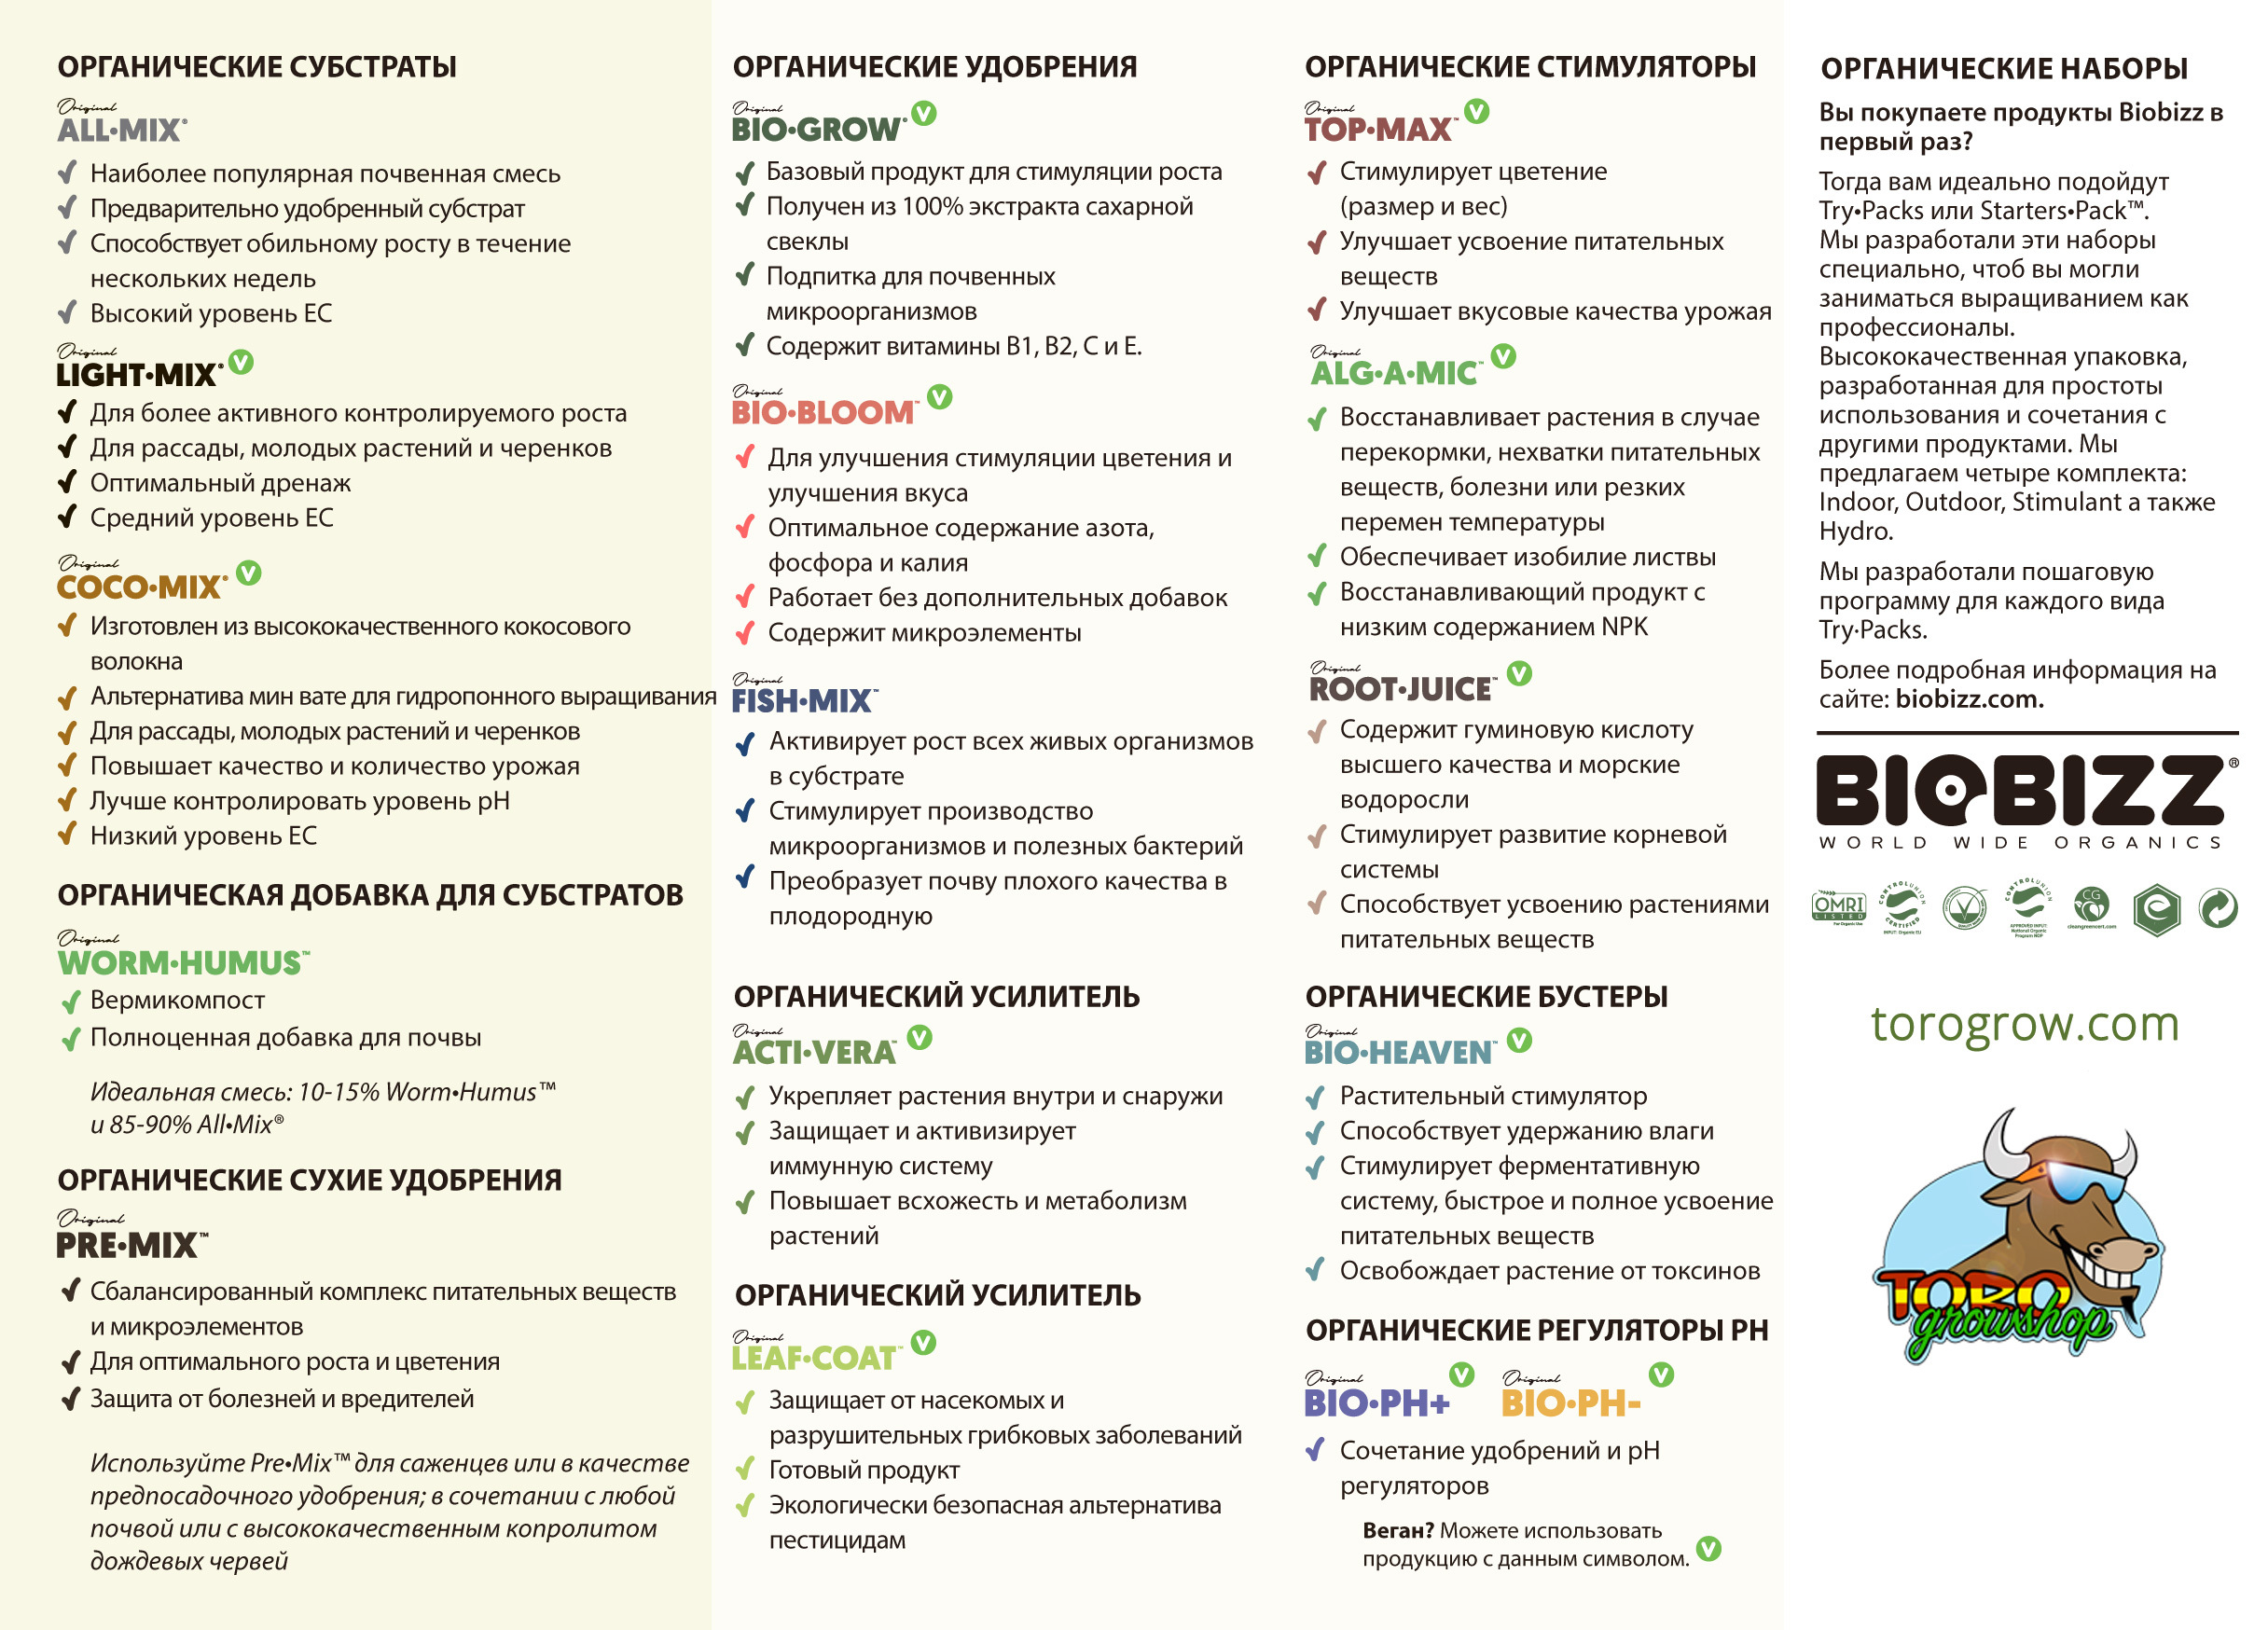 Bio Bizz - Try-Pack Outdoor (комплект органических удобрений для открытого грунта)